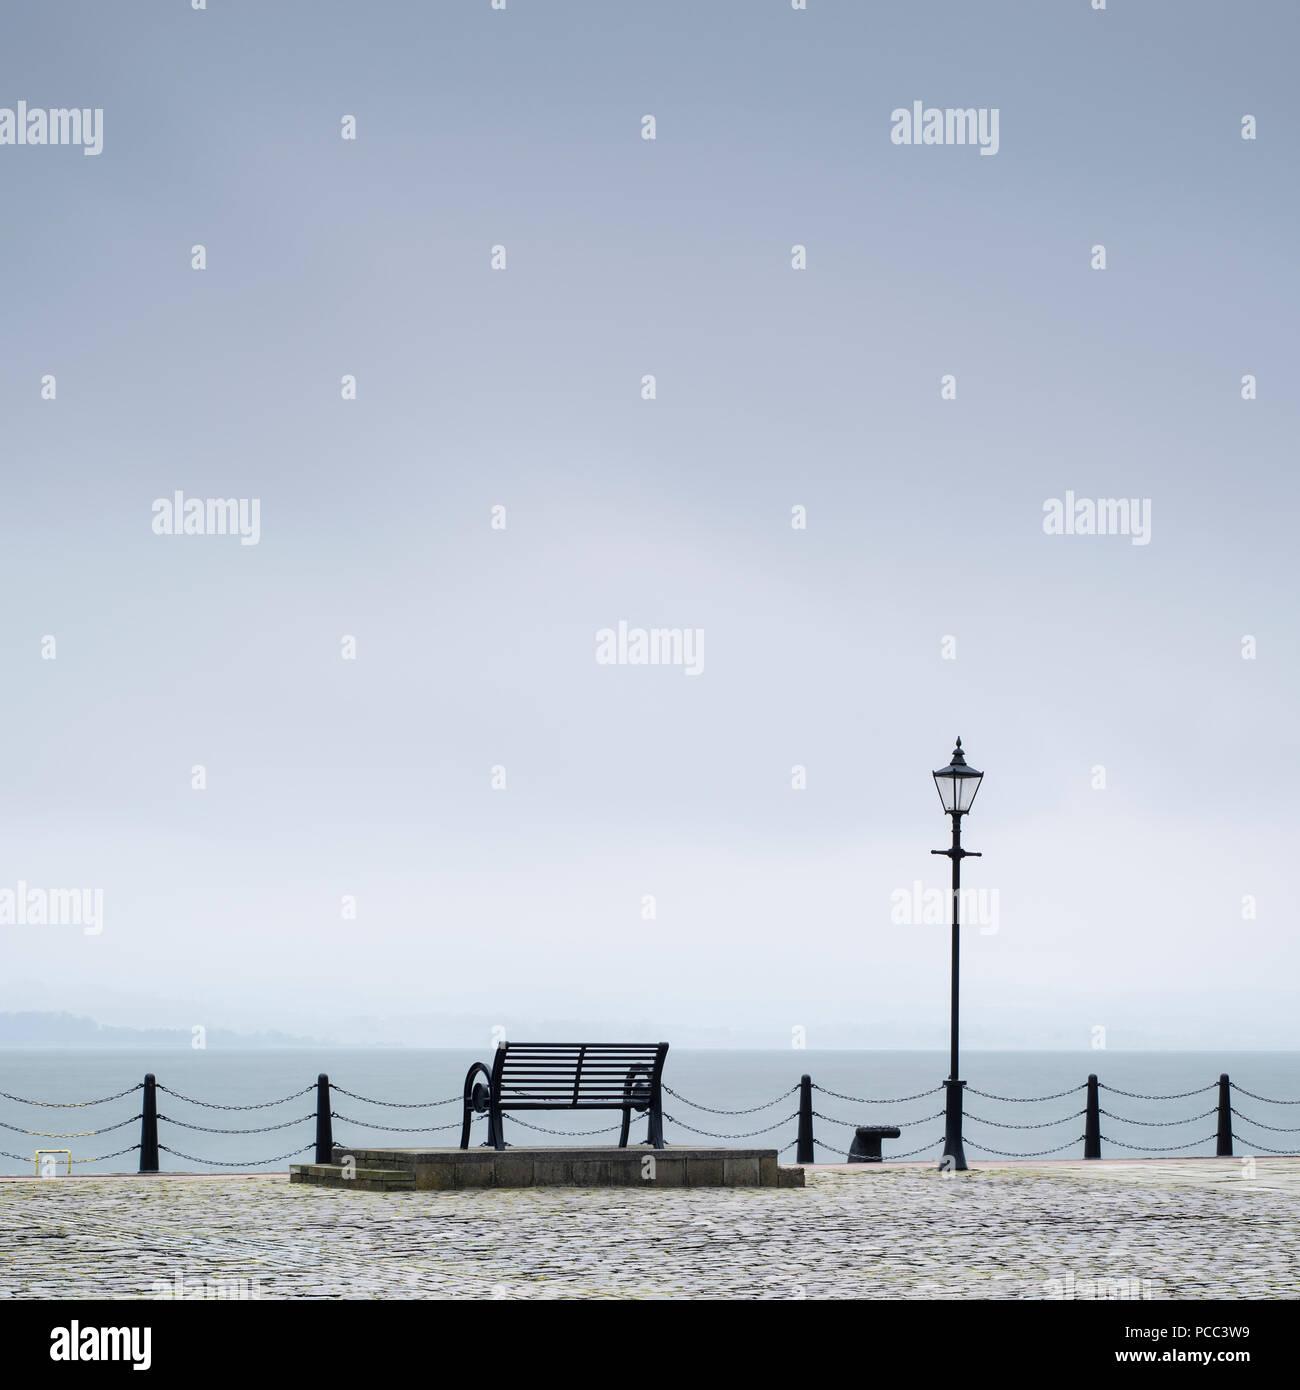 Banquette vide solitaire de la mer côtière calme paisible scène mindfulness voir Photo Stock